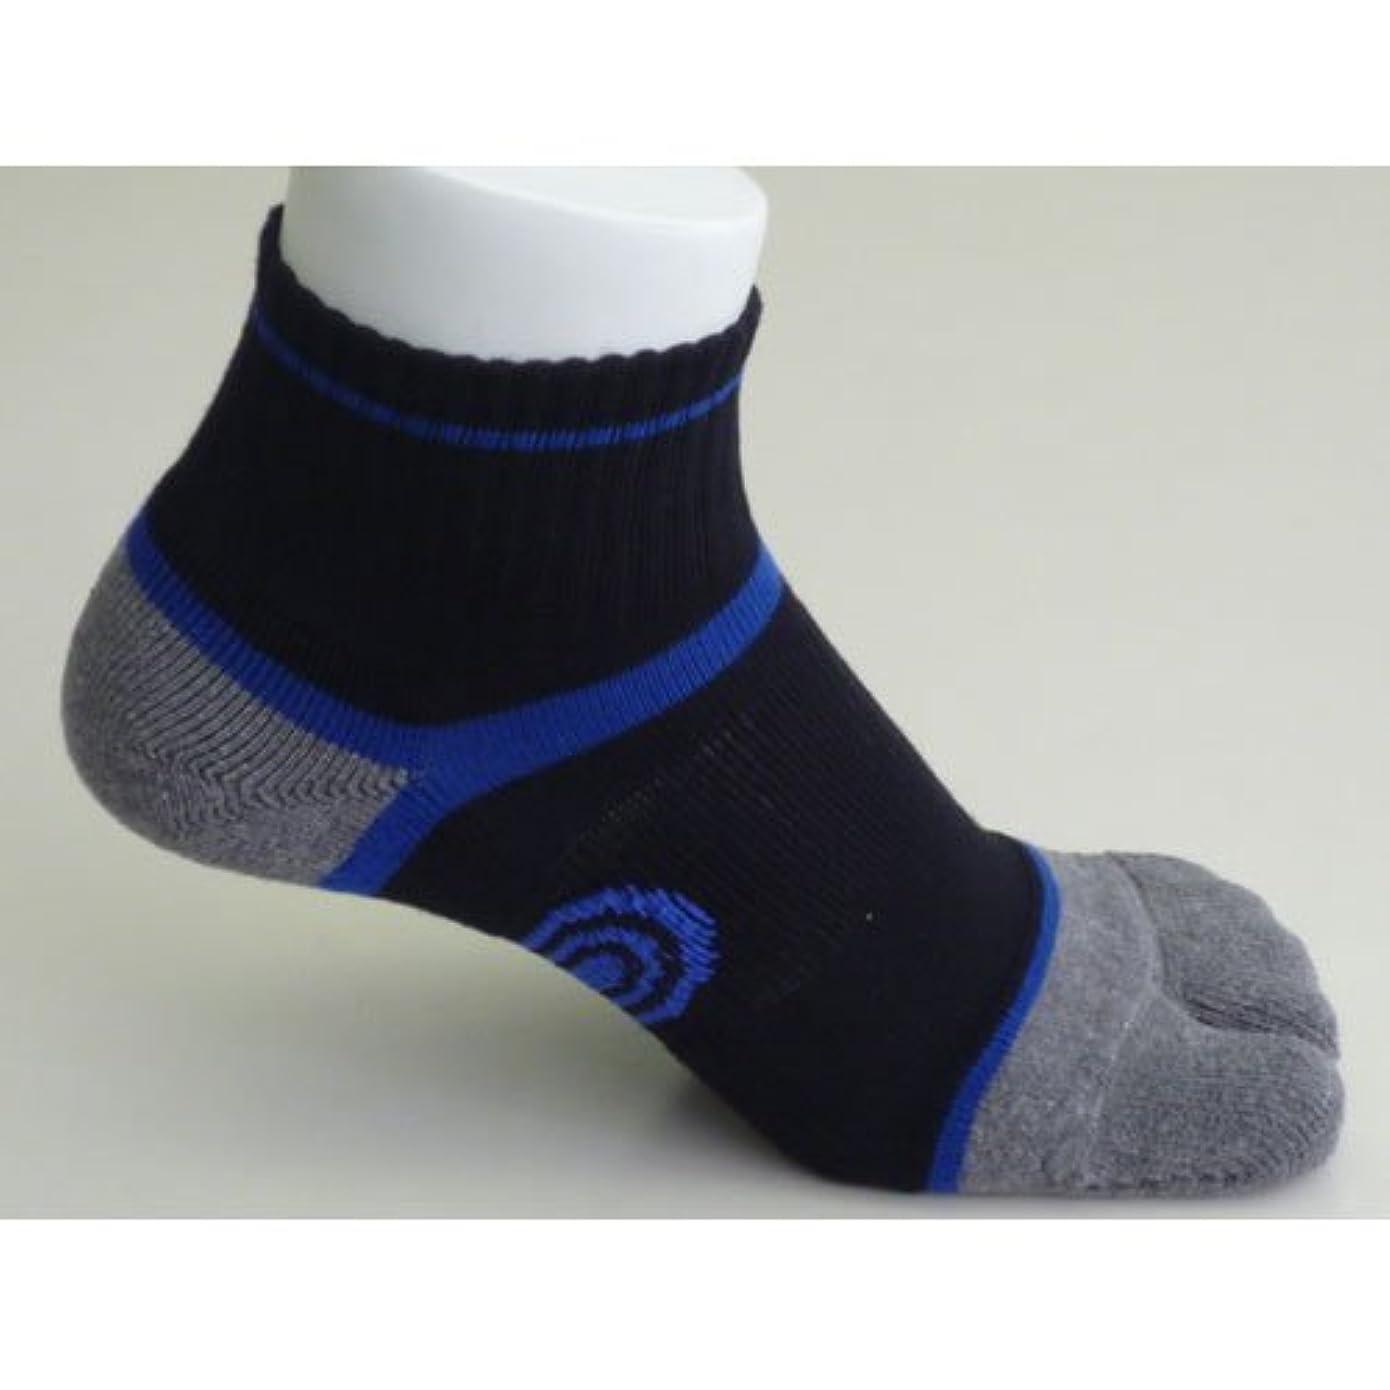 大学院信頼メロン草鞋ソックス M(25-27cm)ブルー 【わらじソックス】【炭の靴下】【足袋型】